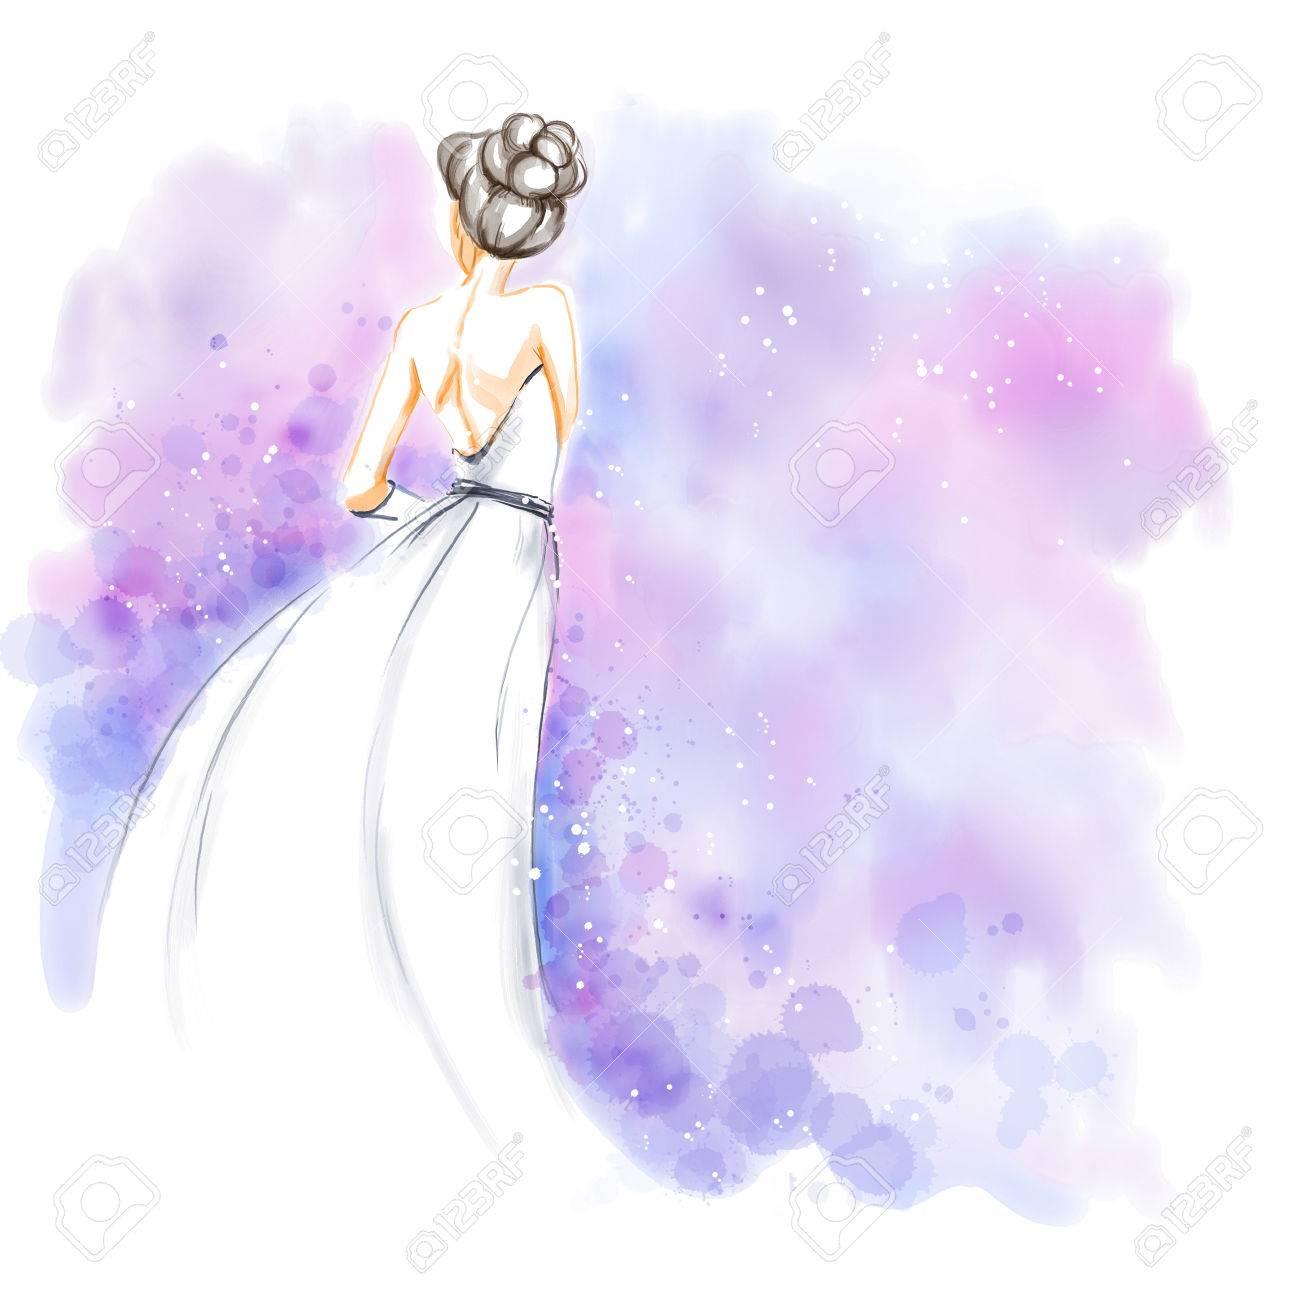 Novia Elegante Joven Con El Ramo De Flores En Hermoso Vestido De ...